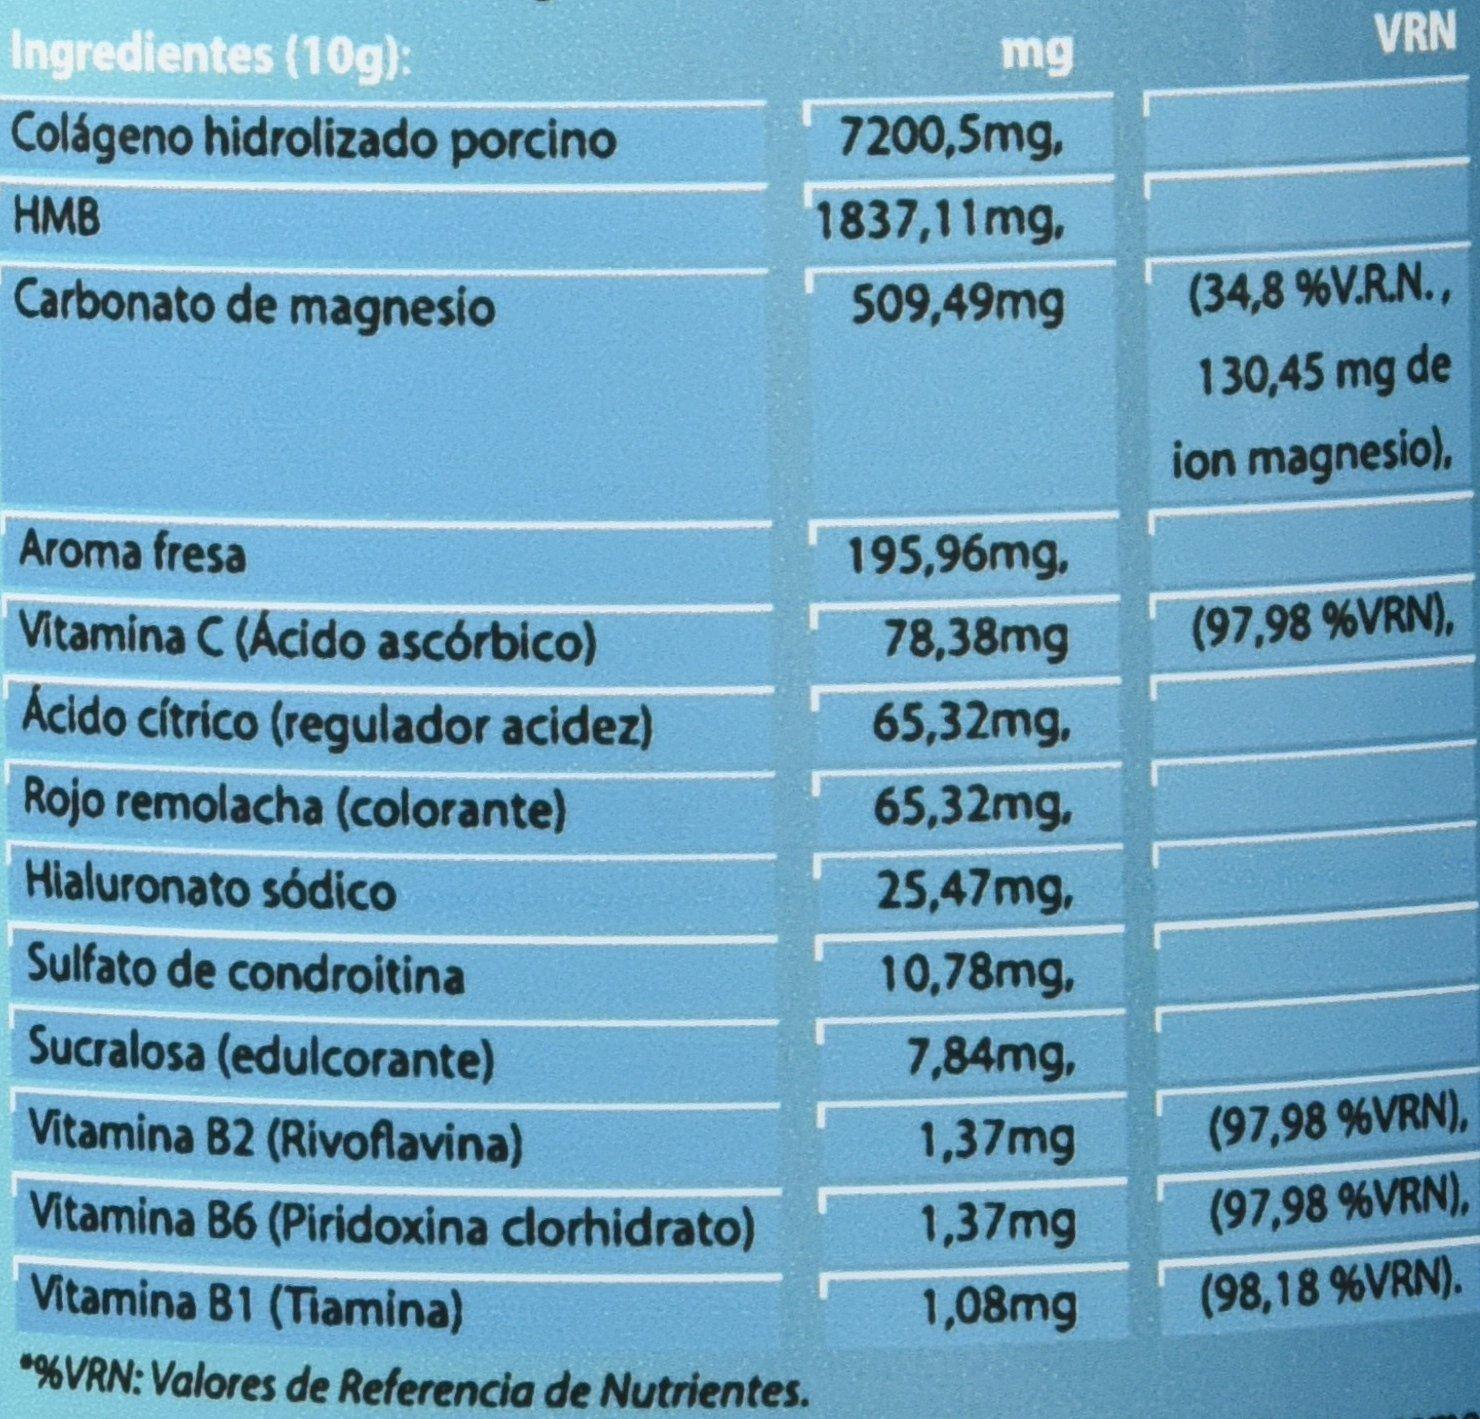 Tulcop Colágeno con HMB, Magnesio, Ácido Hialurónico y Condroitina Active - 306 gr: Amazon.es: Salud y cuidado personal